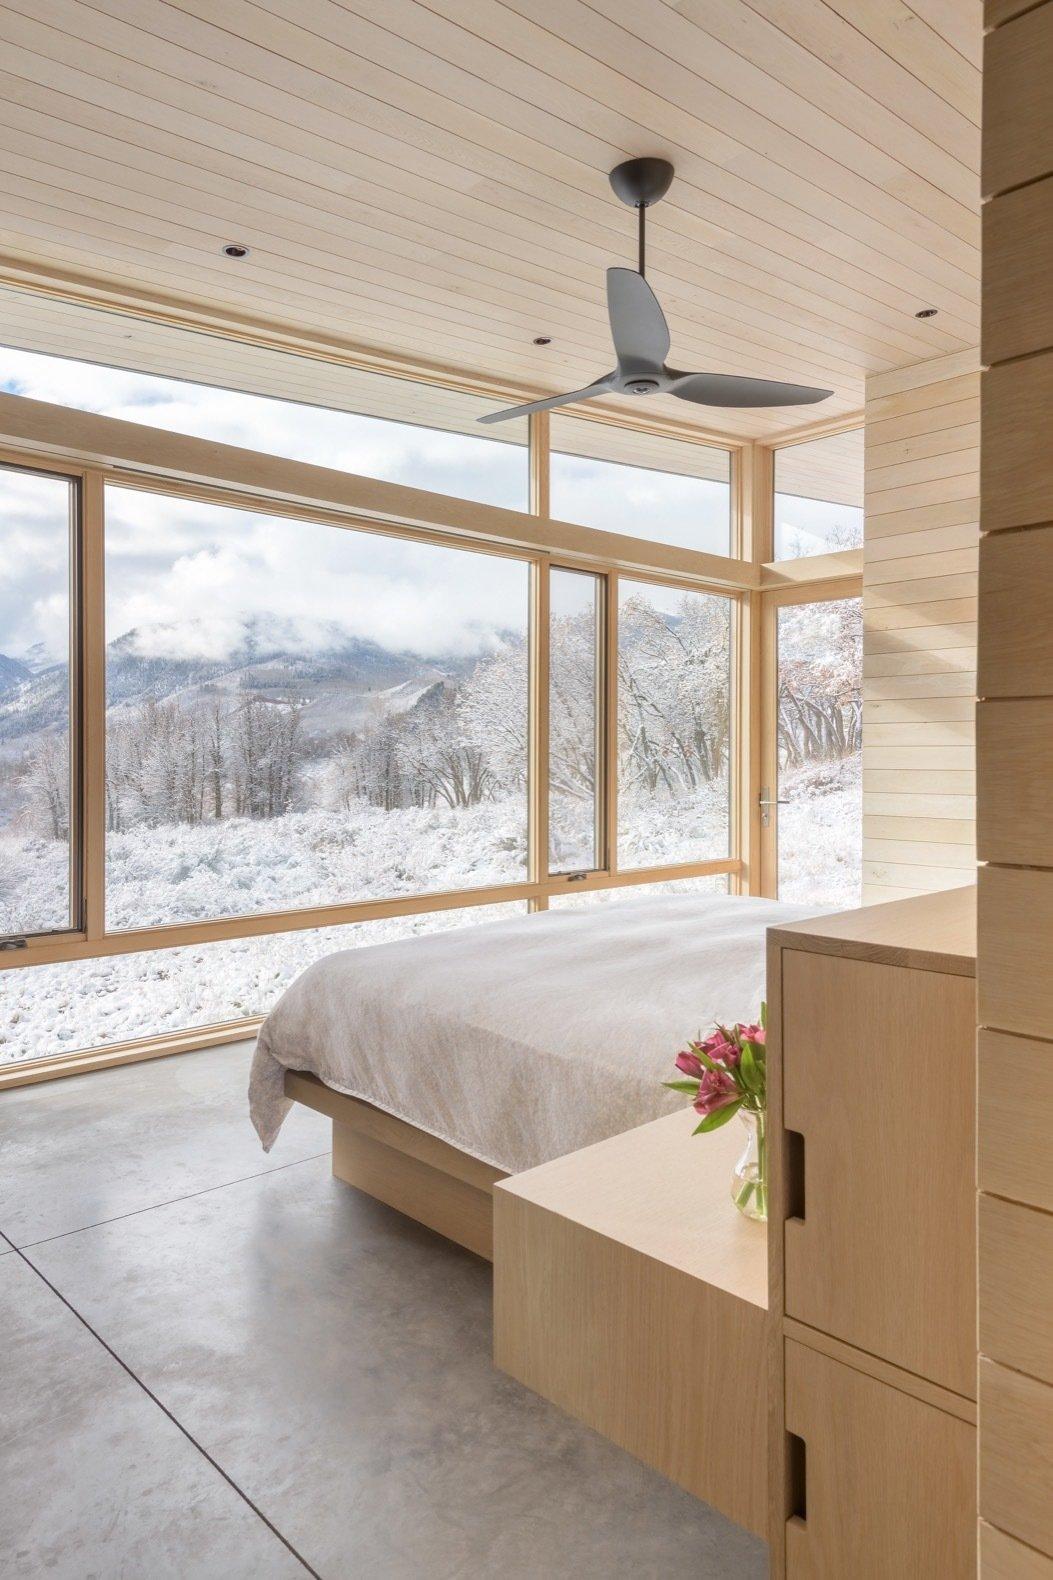 Gammel Dam bedroom